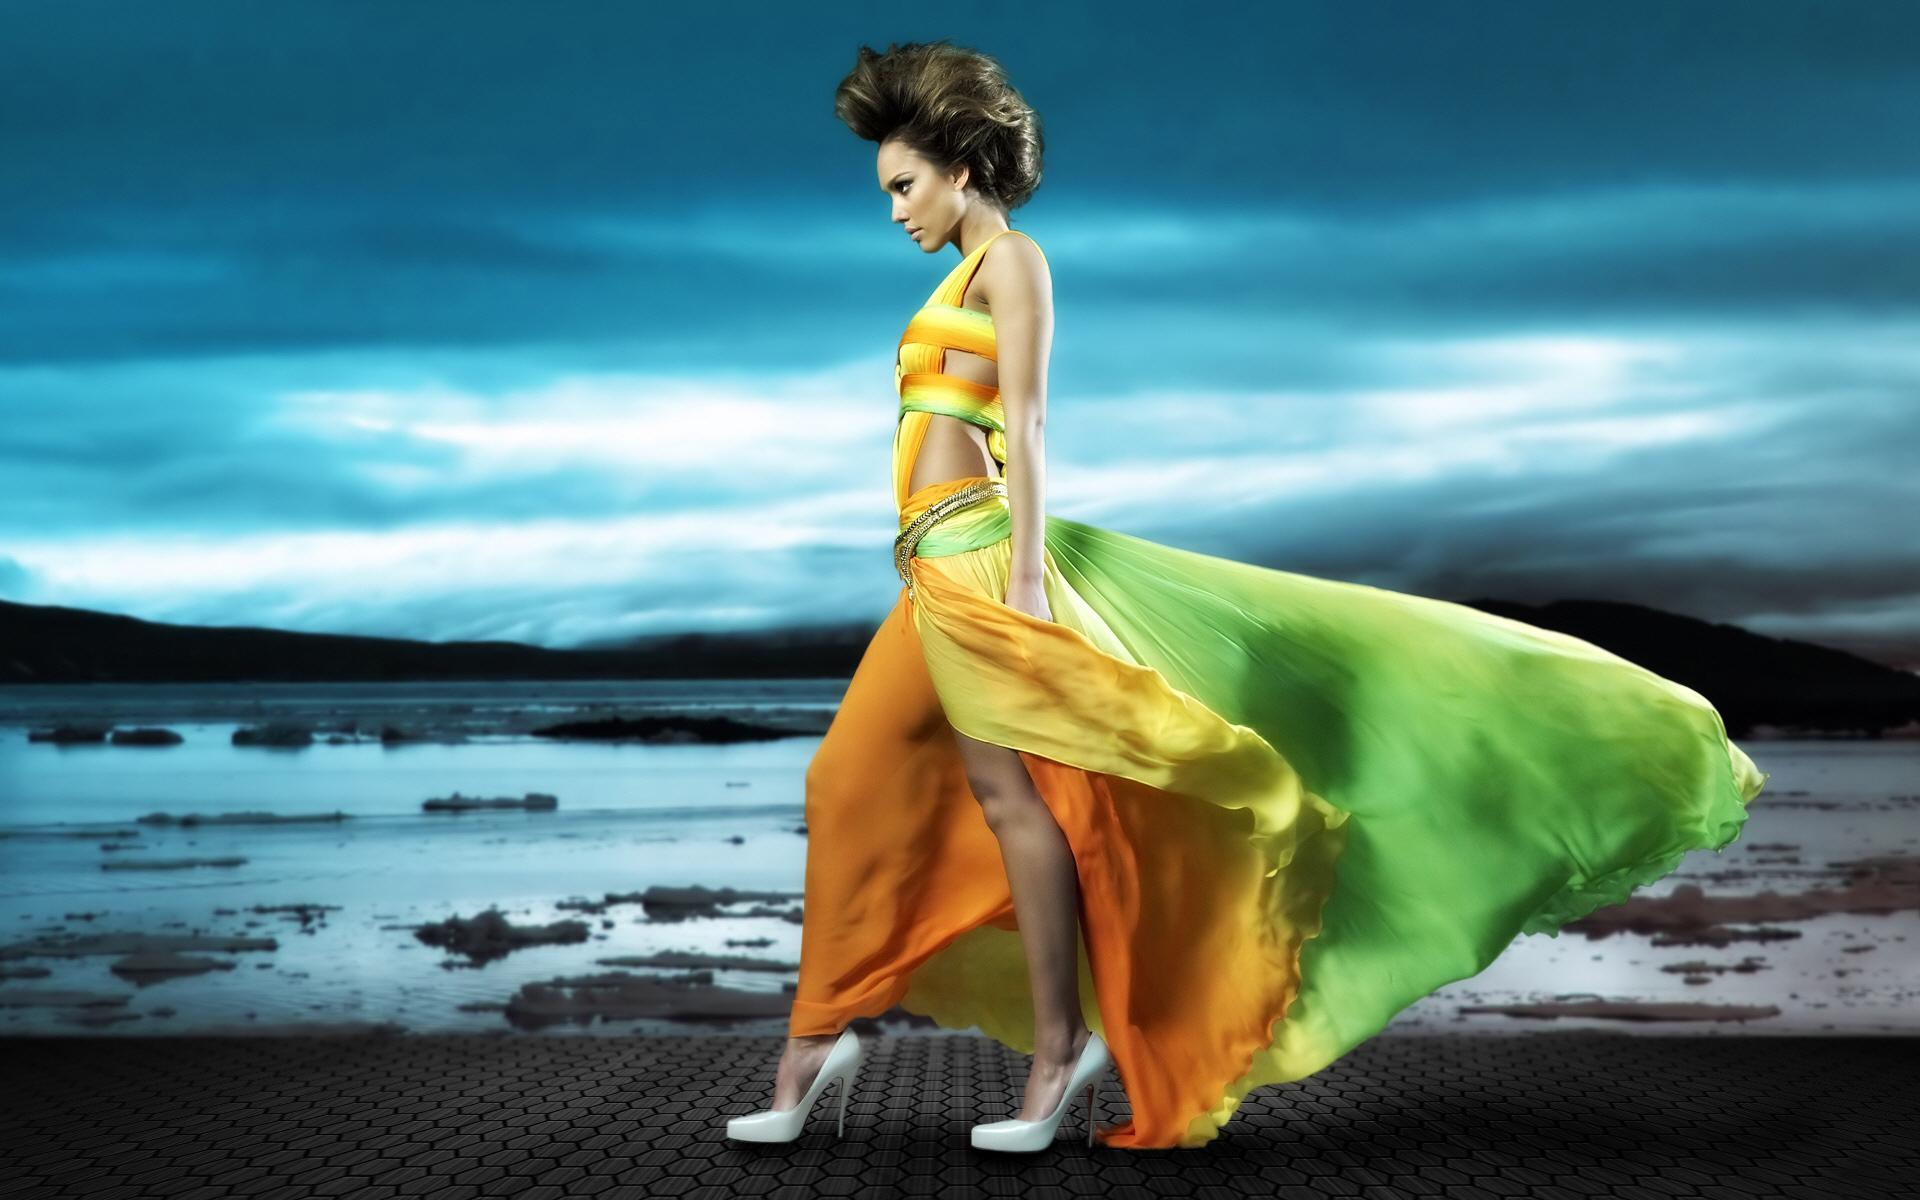 Девушка на пляже в развивающимся на ветру плье без смс